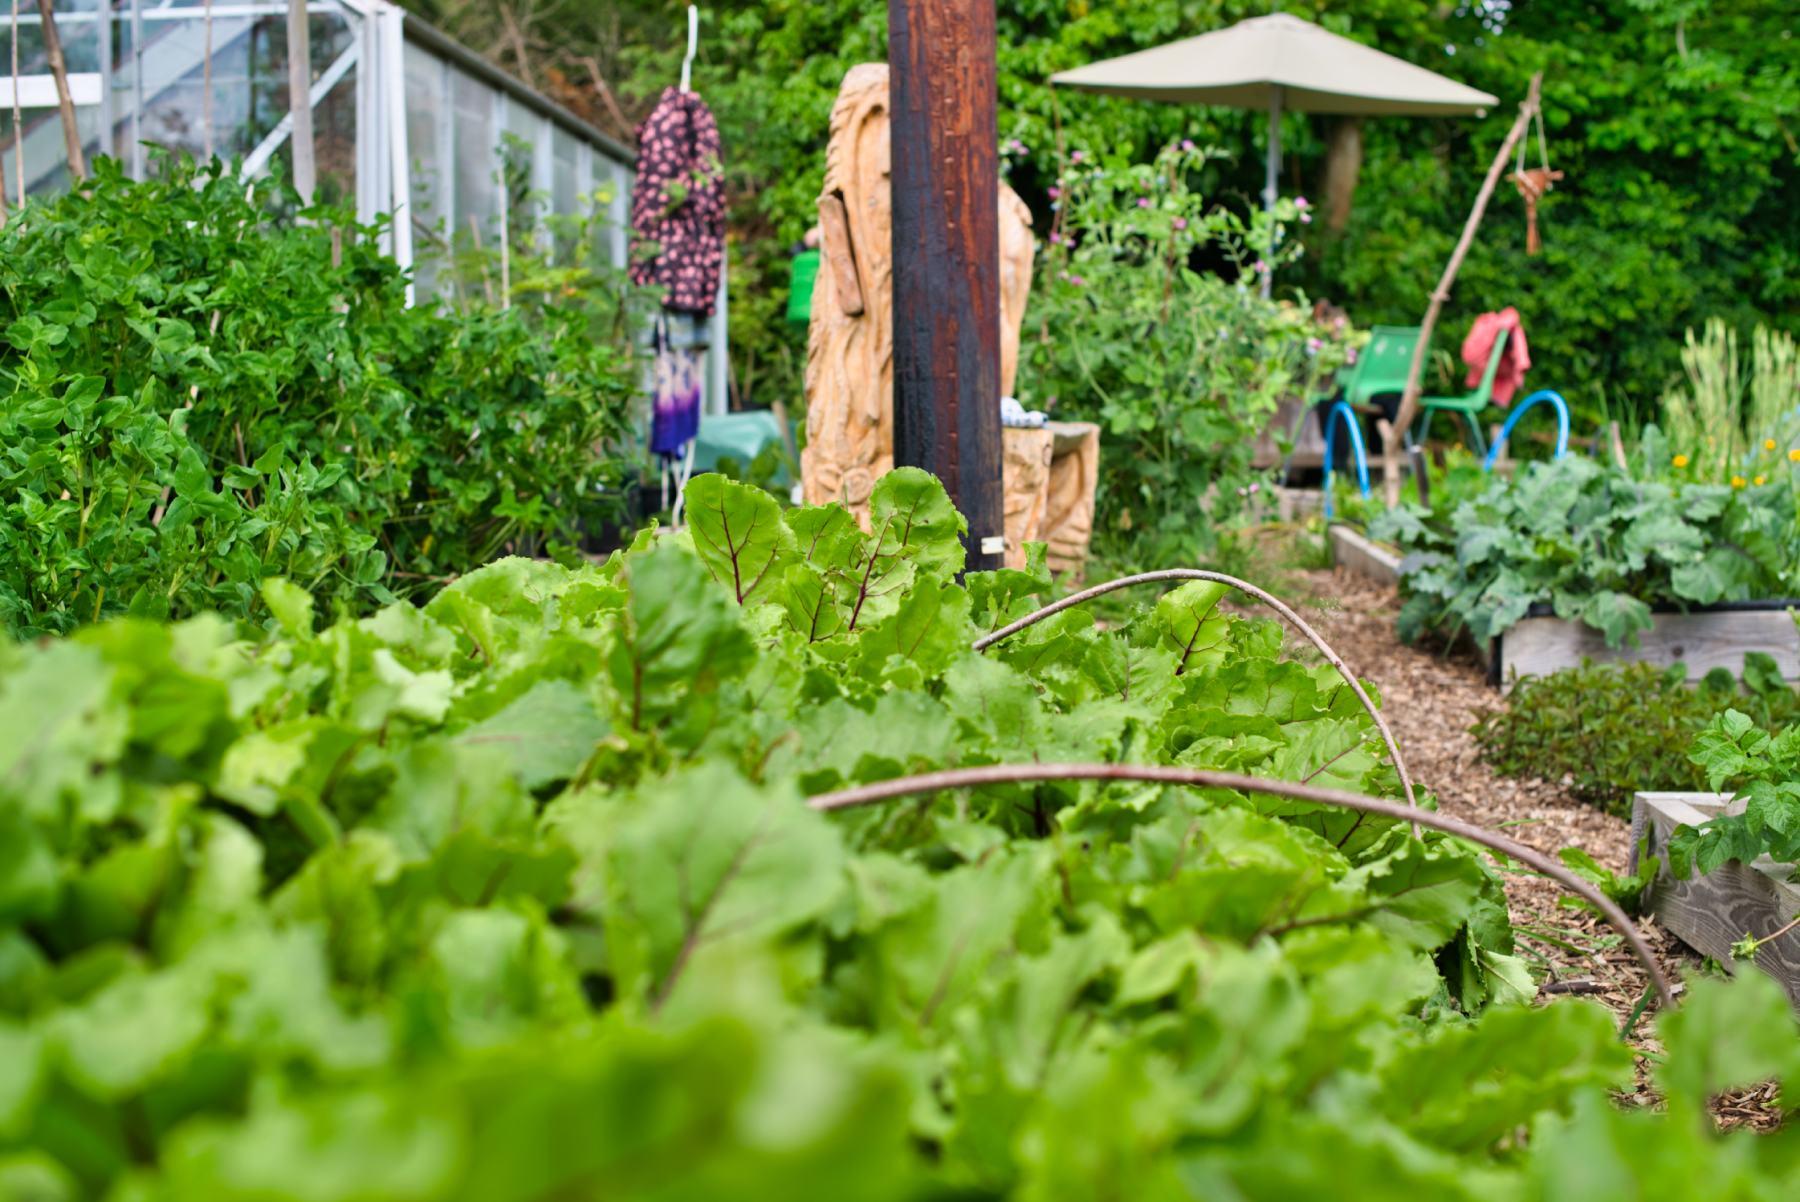 Beetroot in the Community Garden